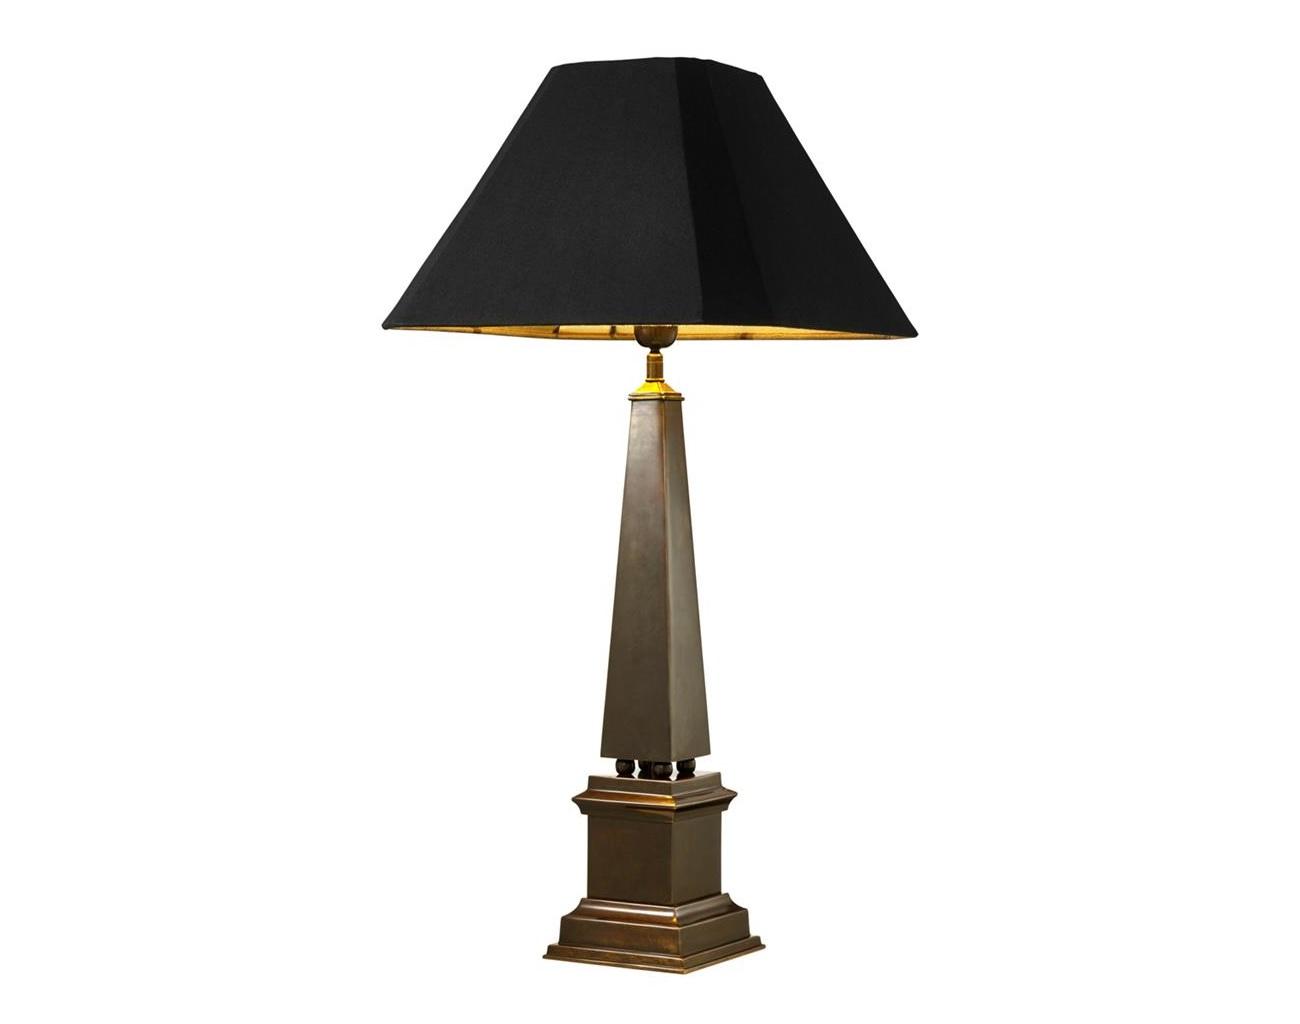 Настольная лампа San MicheleДекоративные лампы<br>&amp;lt;div&amp;gt;Вид цоколя: E27&amp;lt;br&amp;gt;&amp;lt;/div&amp;gt;&amp;lt;div&amp;gt;&amp;lt;div&amp;gt;Мощность: 40W&amp;lt;/div&amp;gt;&amp;lt;div&amp;gt;Количество ламп: 1 (нет в комплекте)&amp;lt;/div&amp;gt;&amp;lt;/div&amp;gt;<br><br>Material: Металл<br>Ширина см: 40<br>Высота см: 83<br>Глубина см: 40